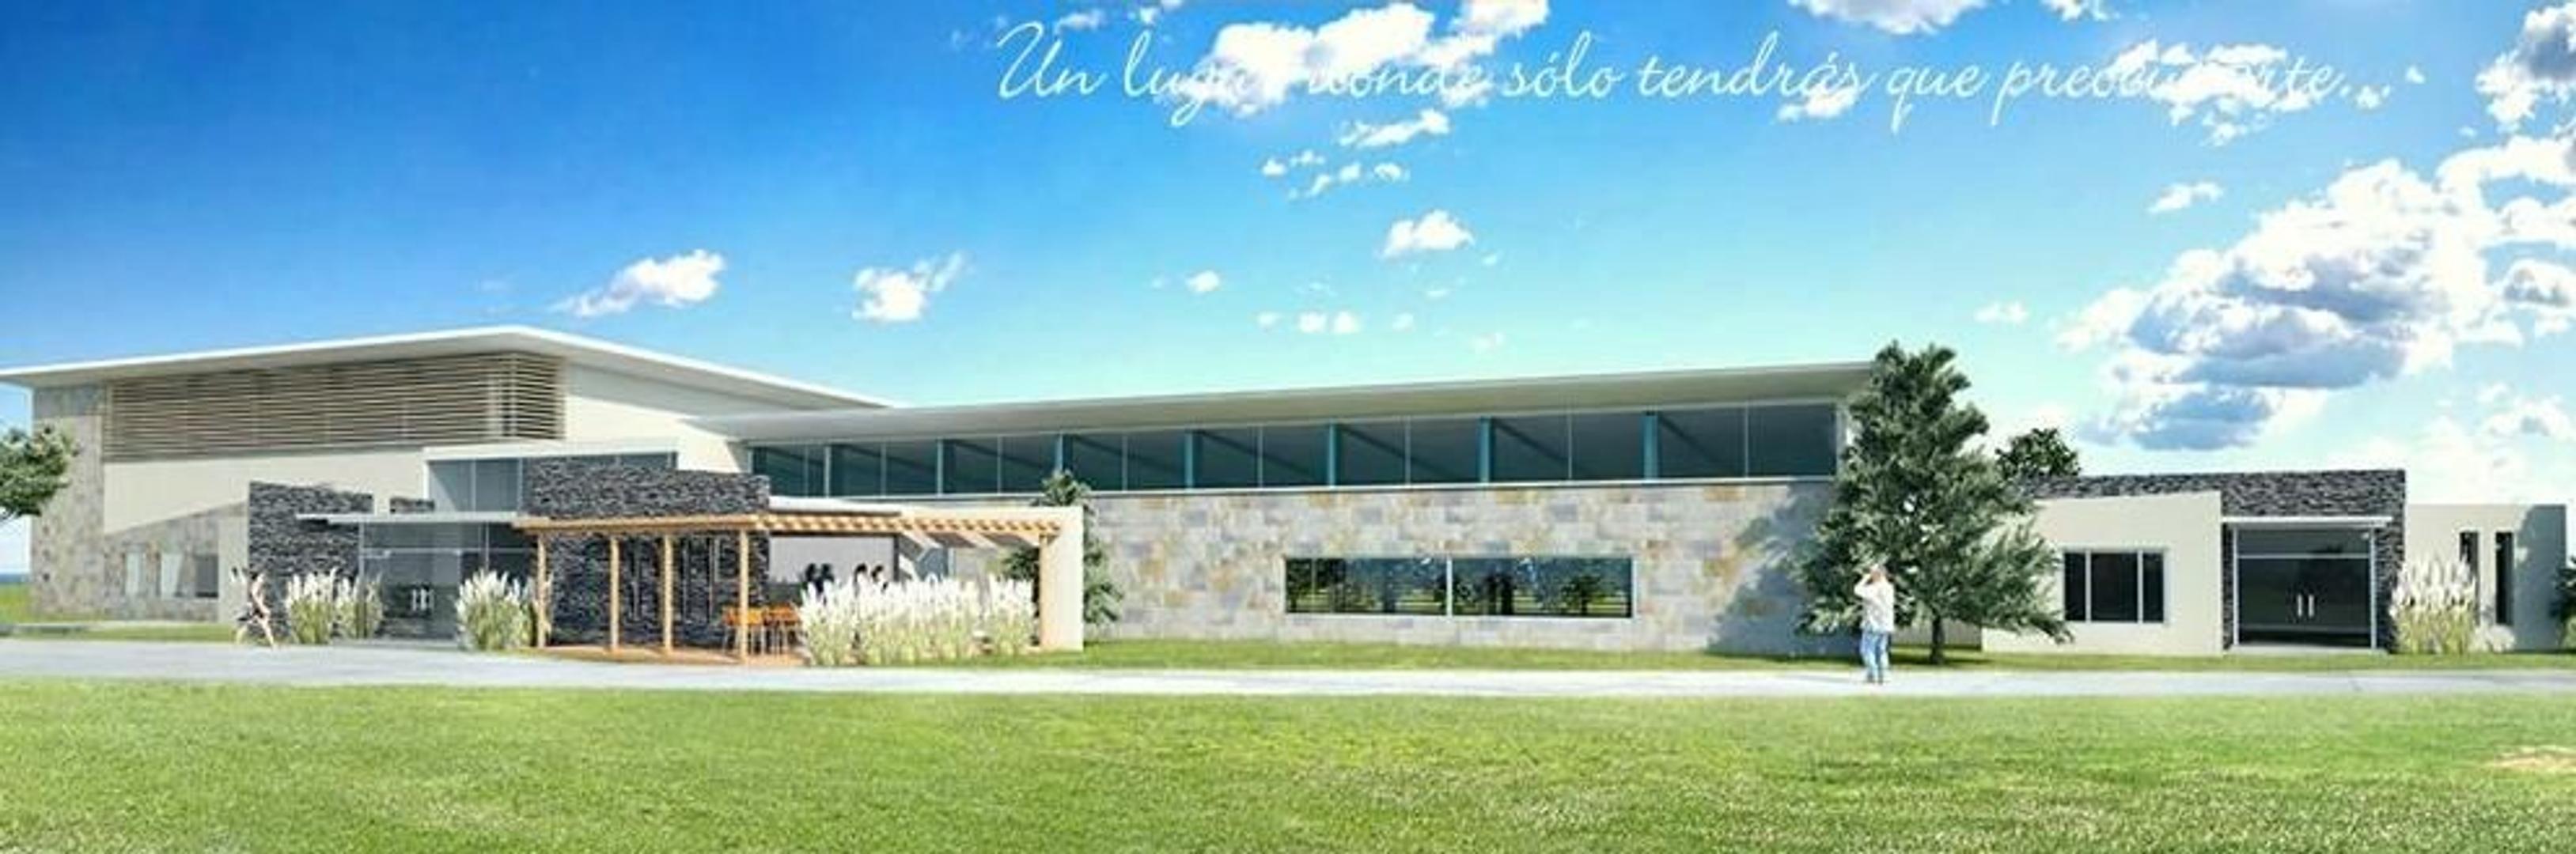 Terreno Lote  en Venta ubicado en Pilar, Pilar y Alrededores - PIL3444_LP94951_1